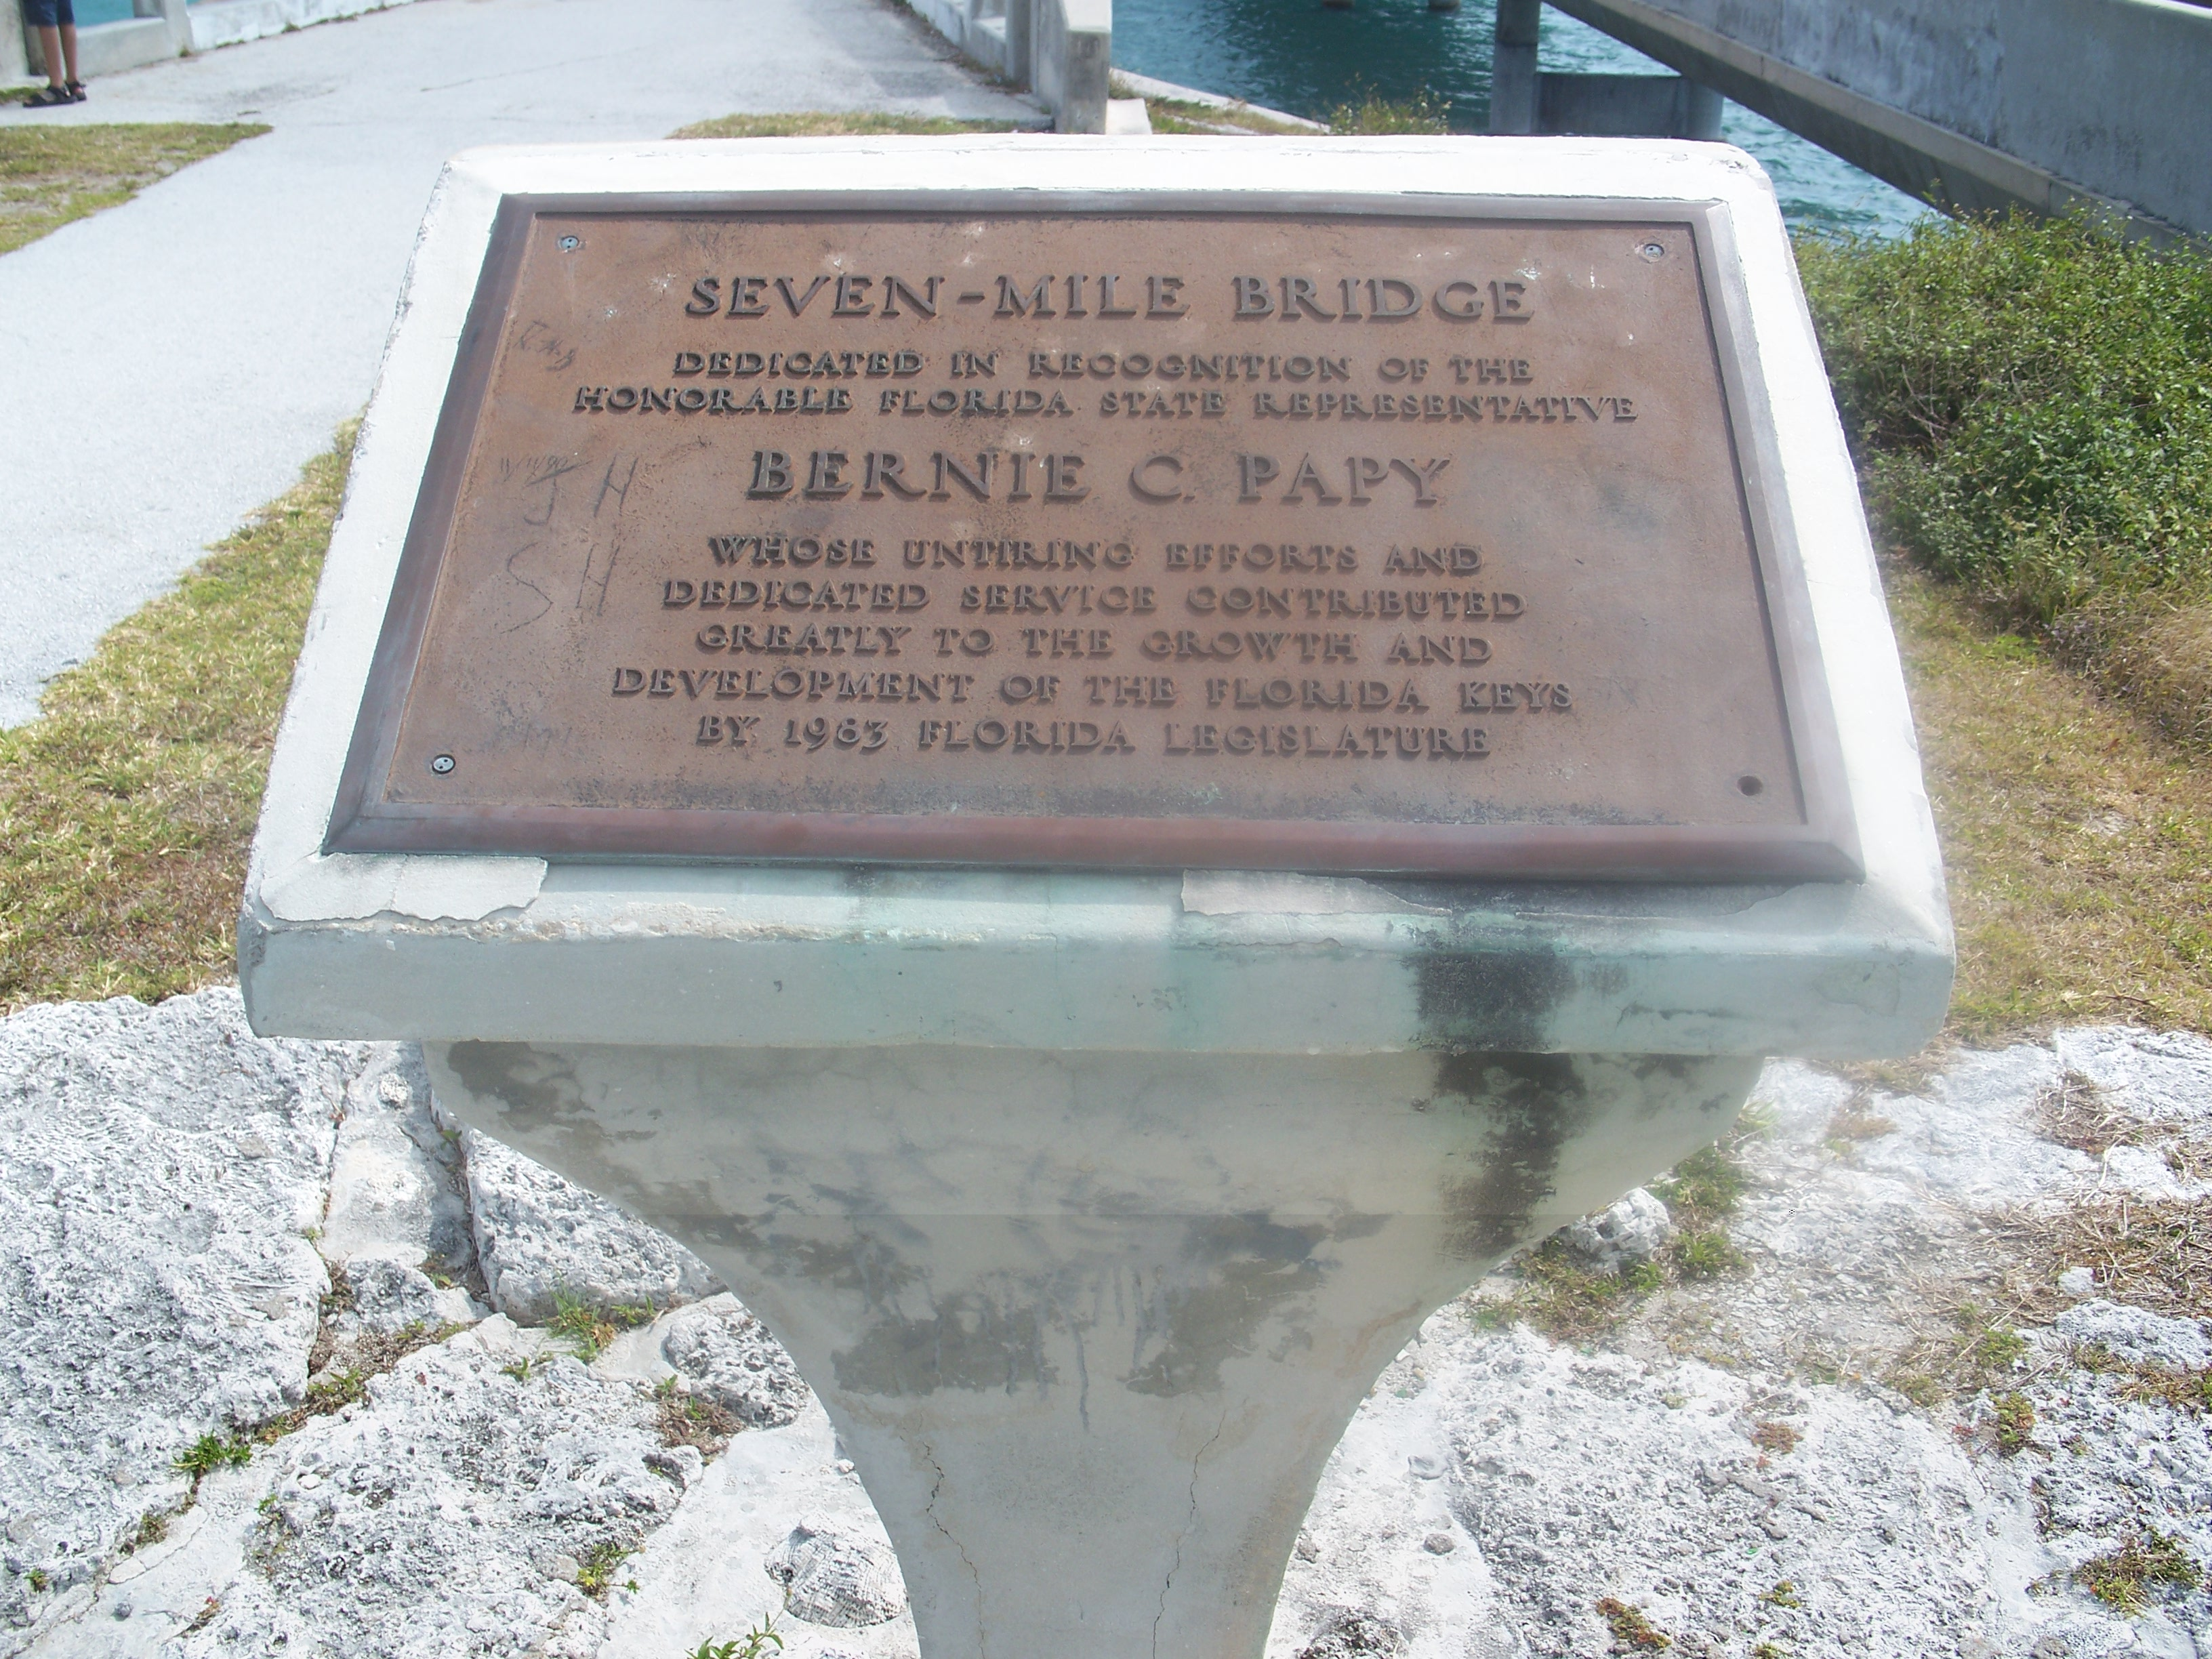 Description little duck key fl 7 mile bridge plaque01